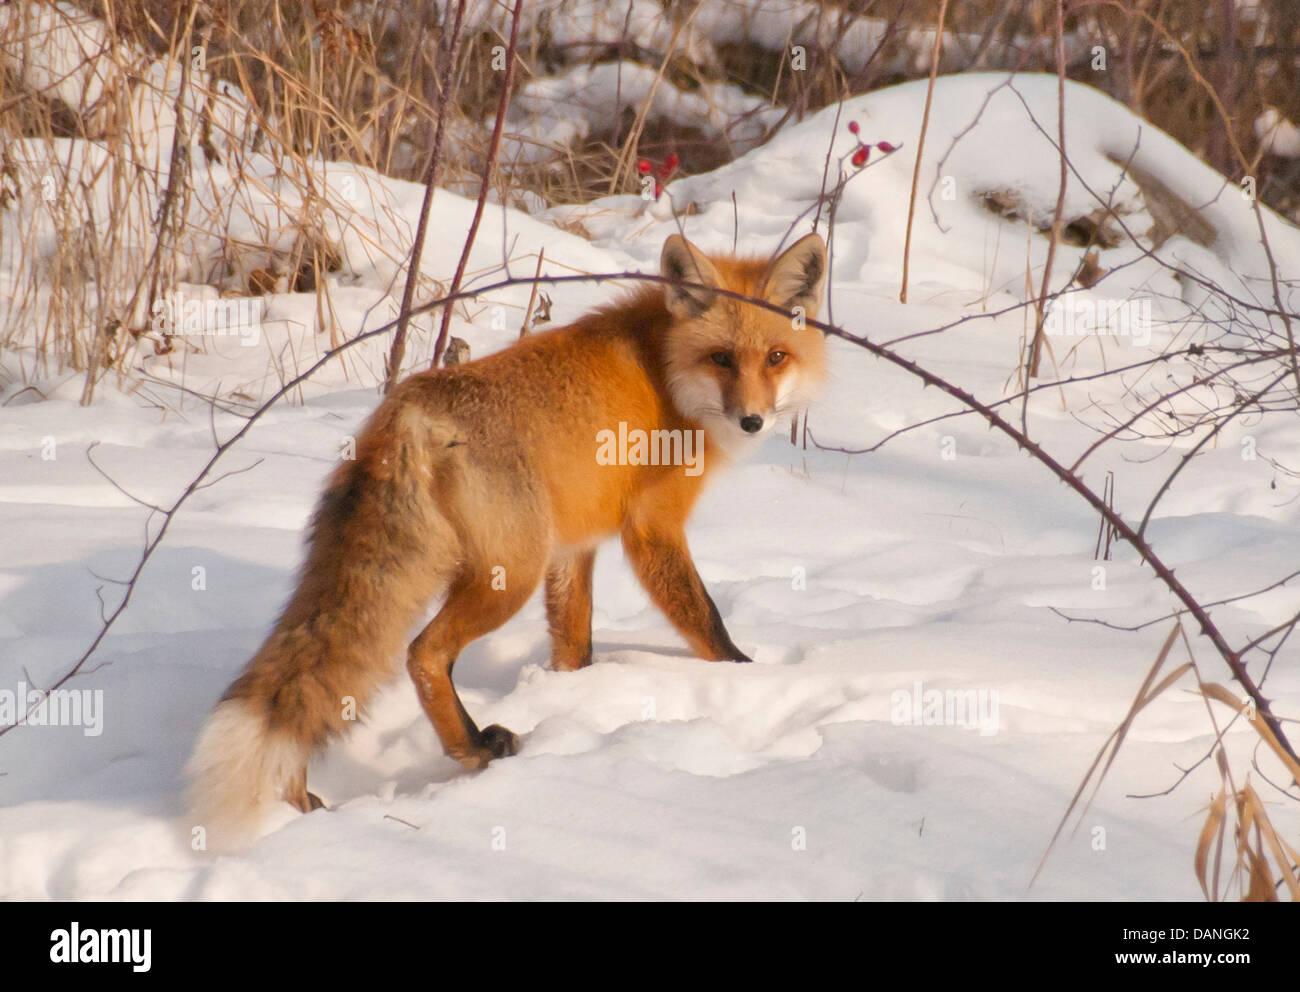 Red Fox Walking In Snow On The Boise River Greenbelt In Boise Idaho